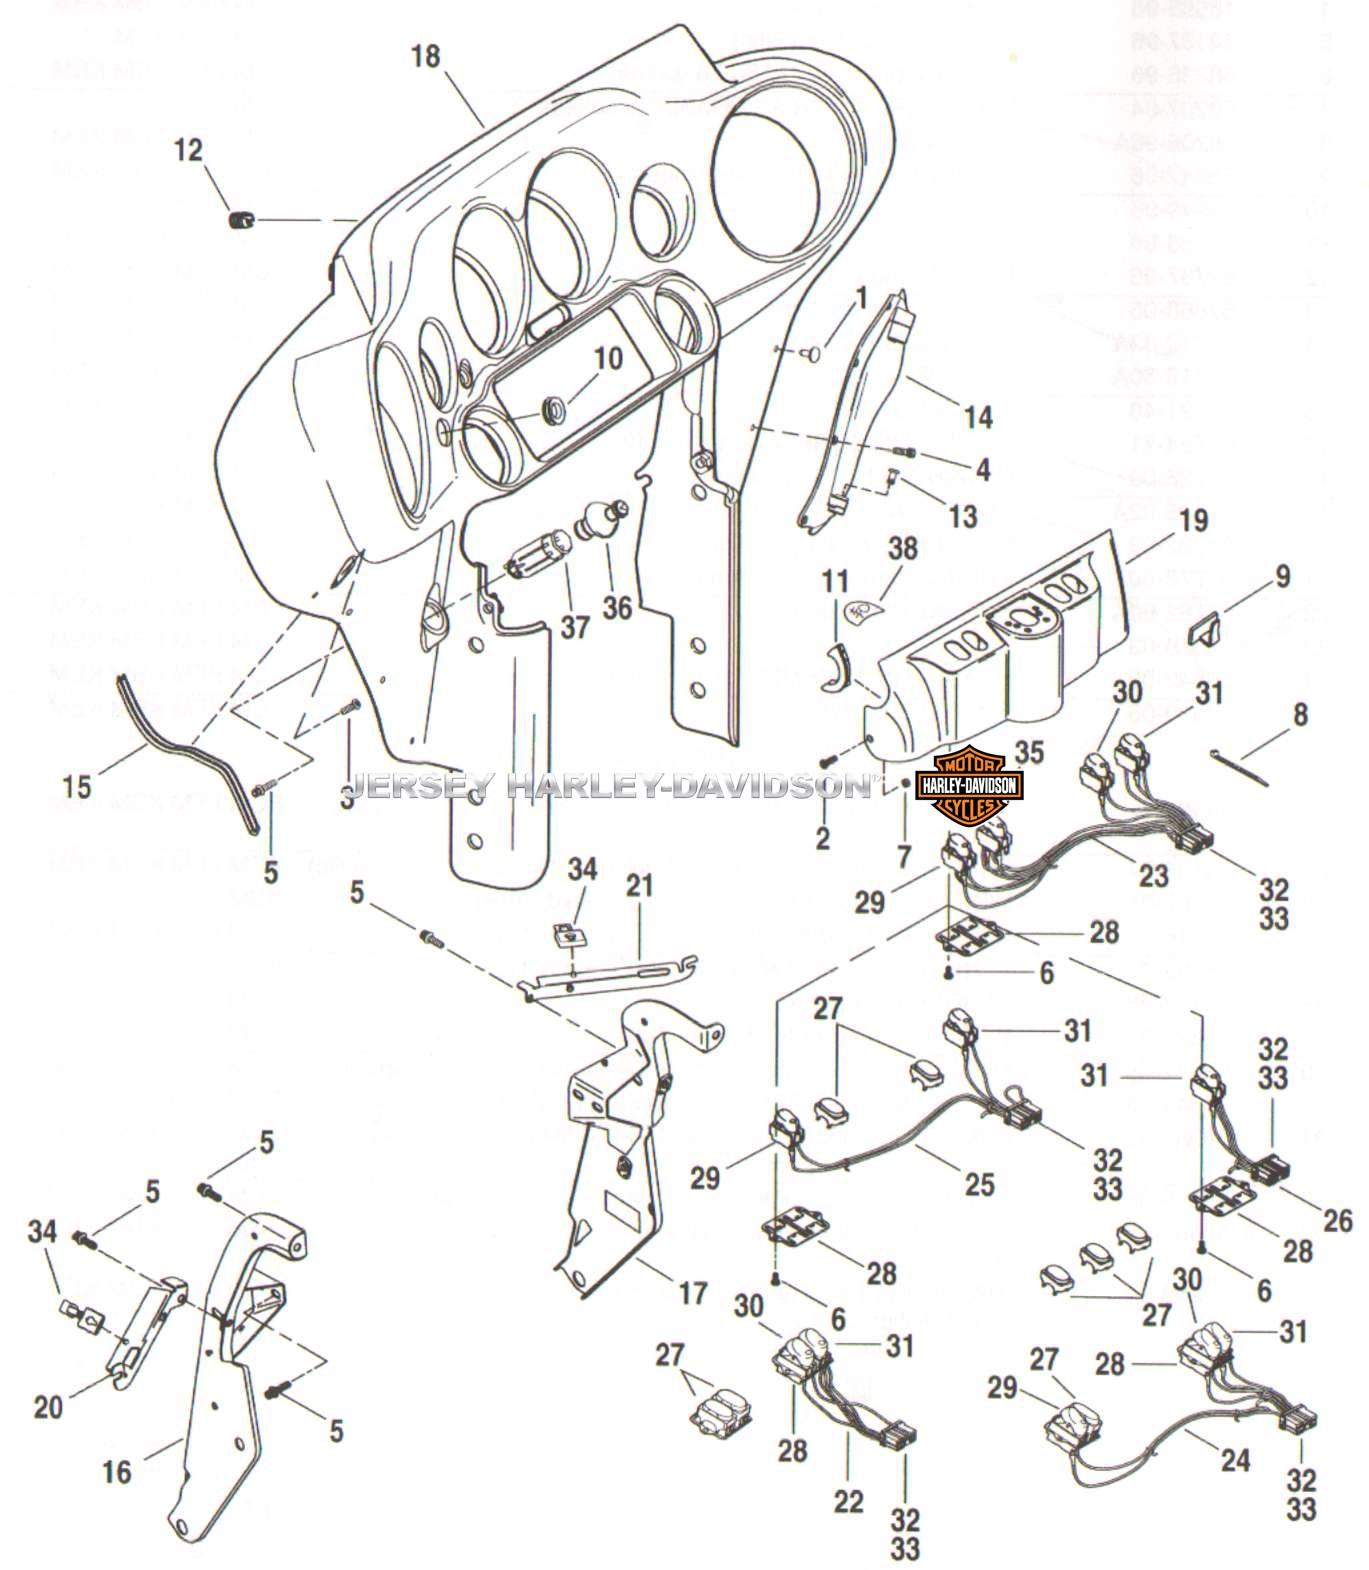 harley roadking wiring diagram for dummies